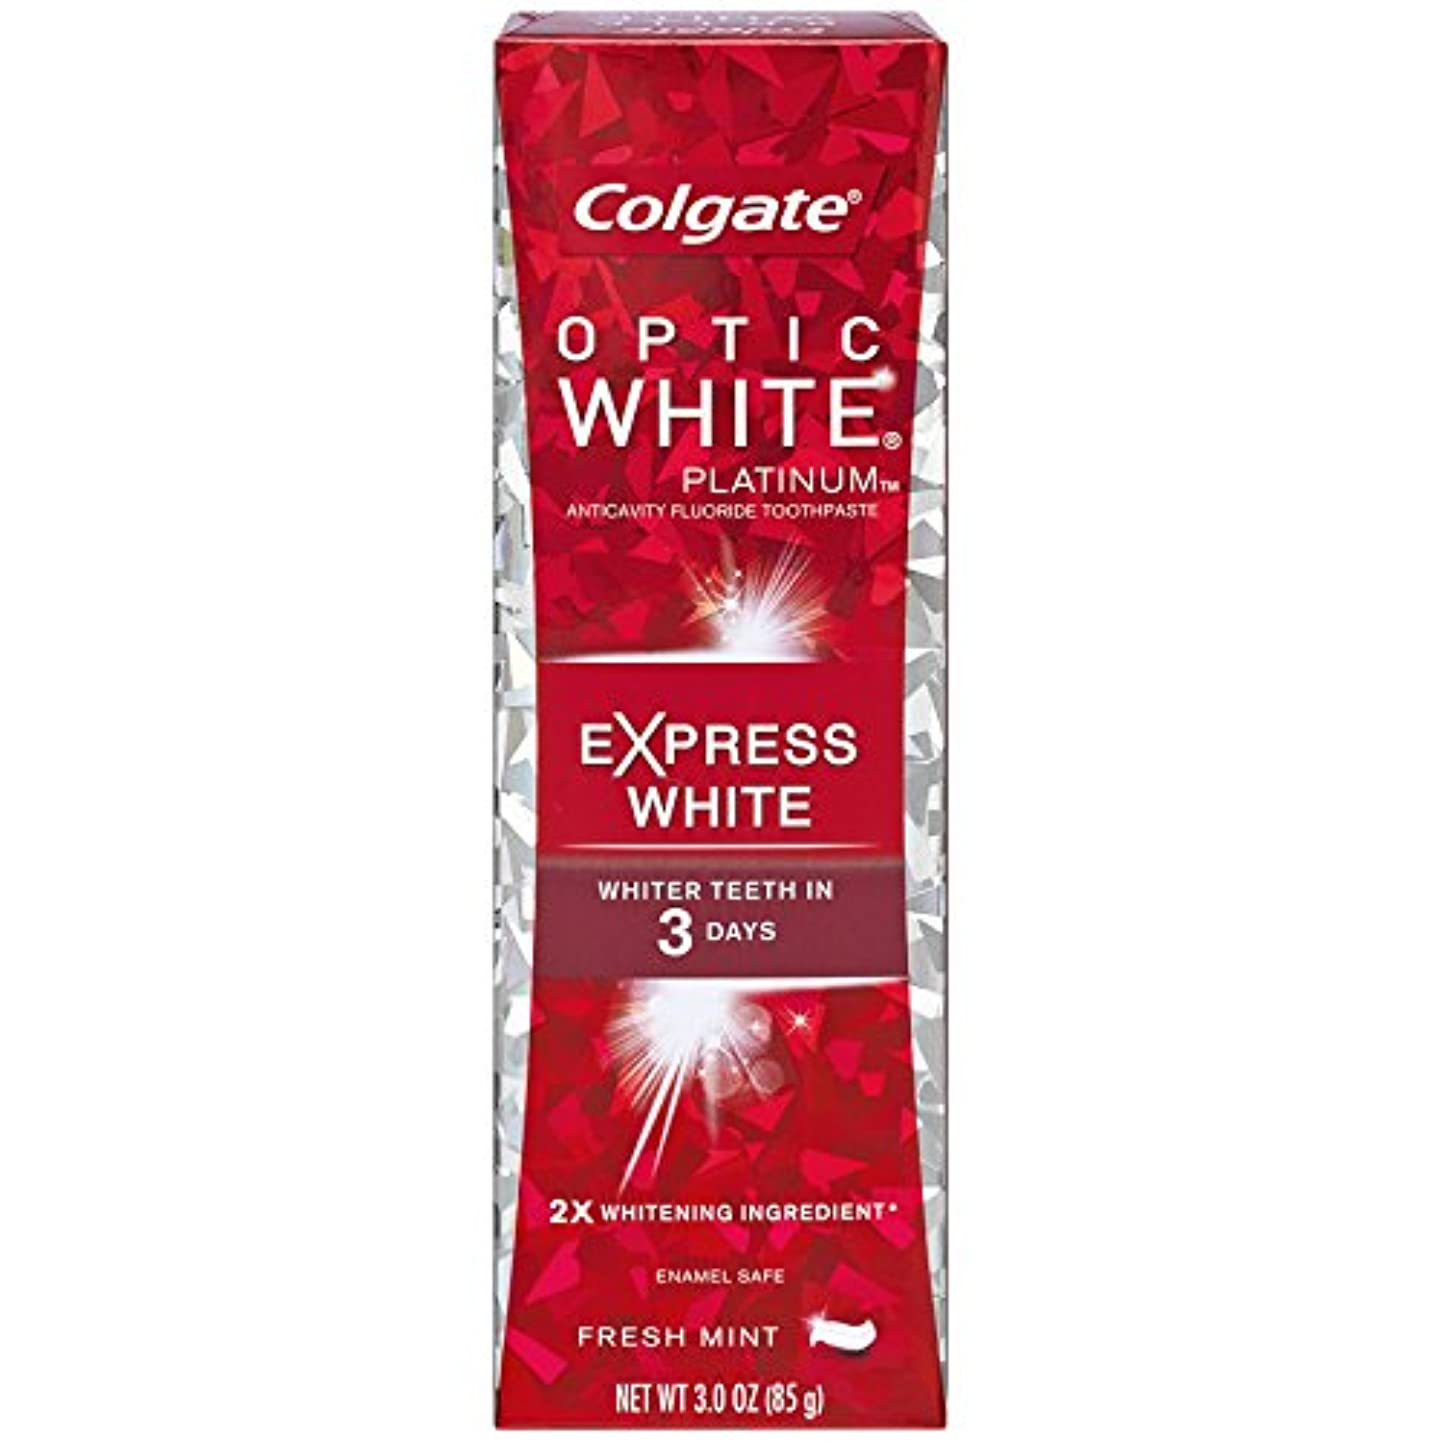 ロードブロッキングどうやら悪党コルゲート 歯みがき粉 オプティック ホワイト 3Days エクスプレス ホワイト